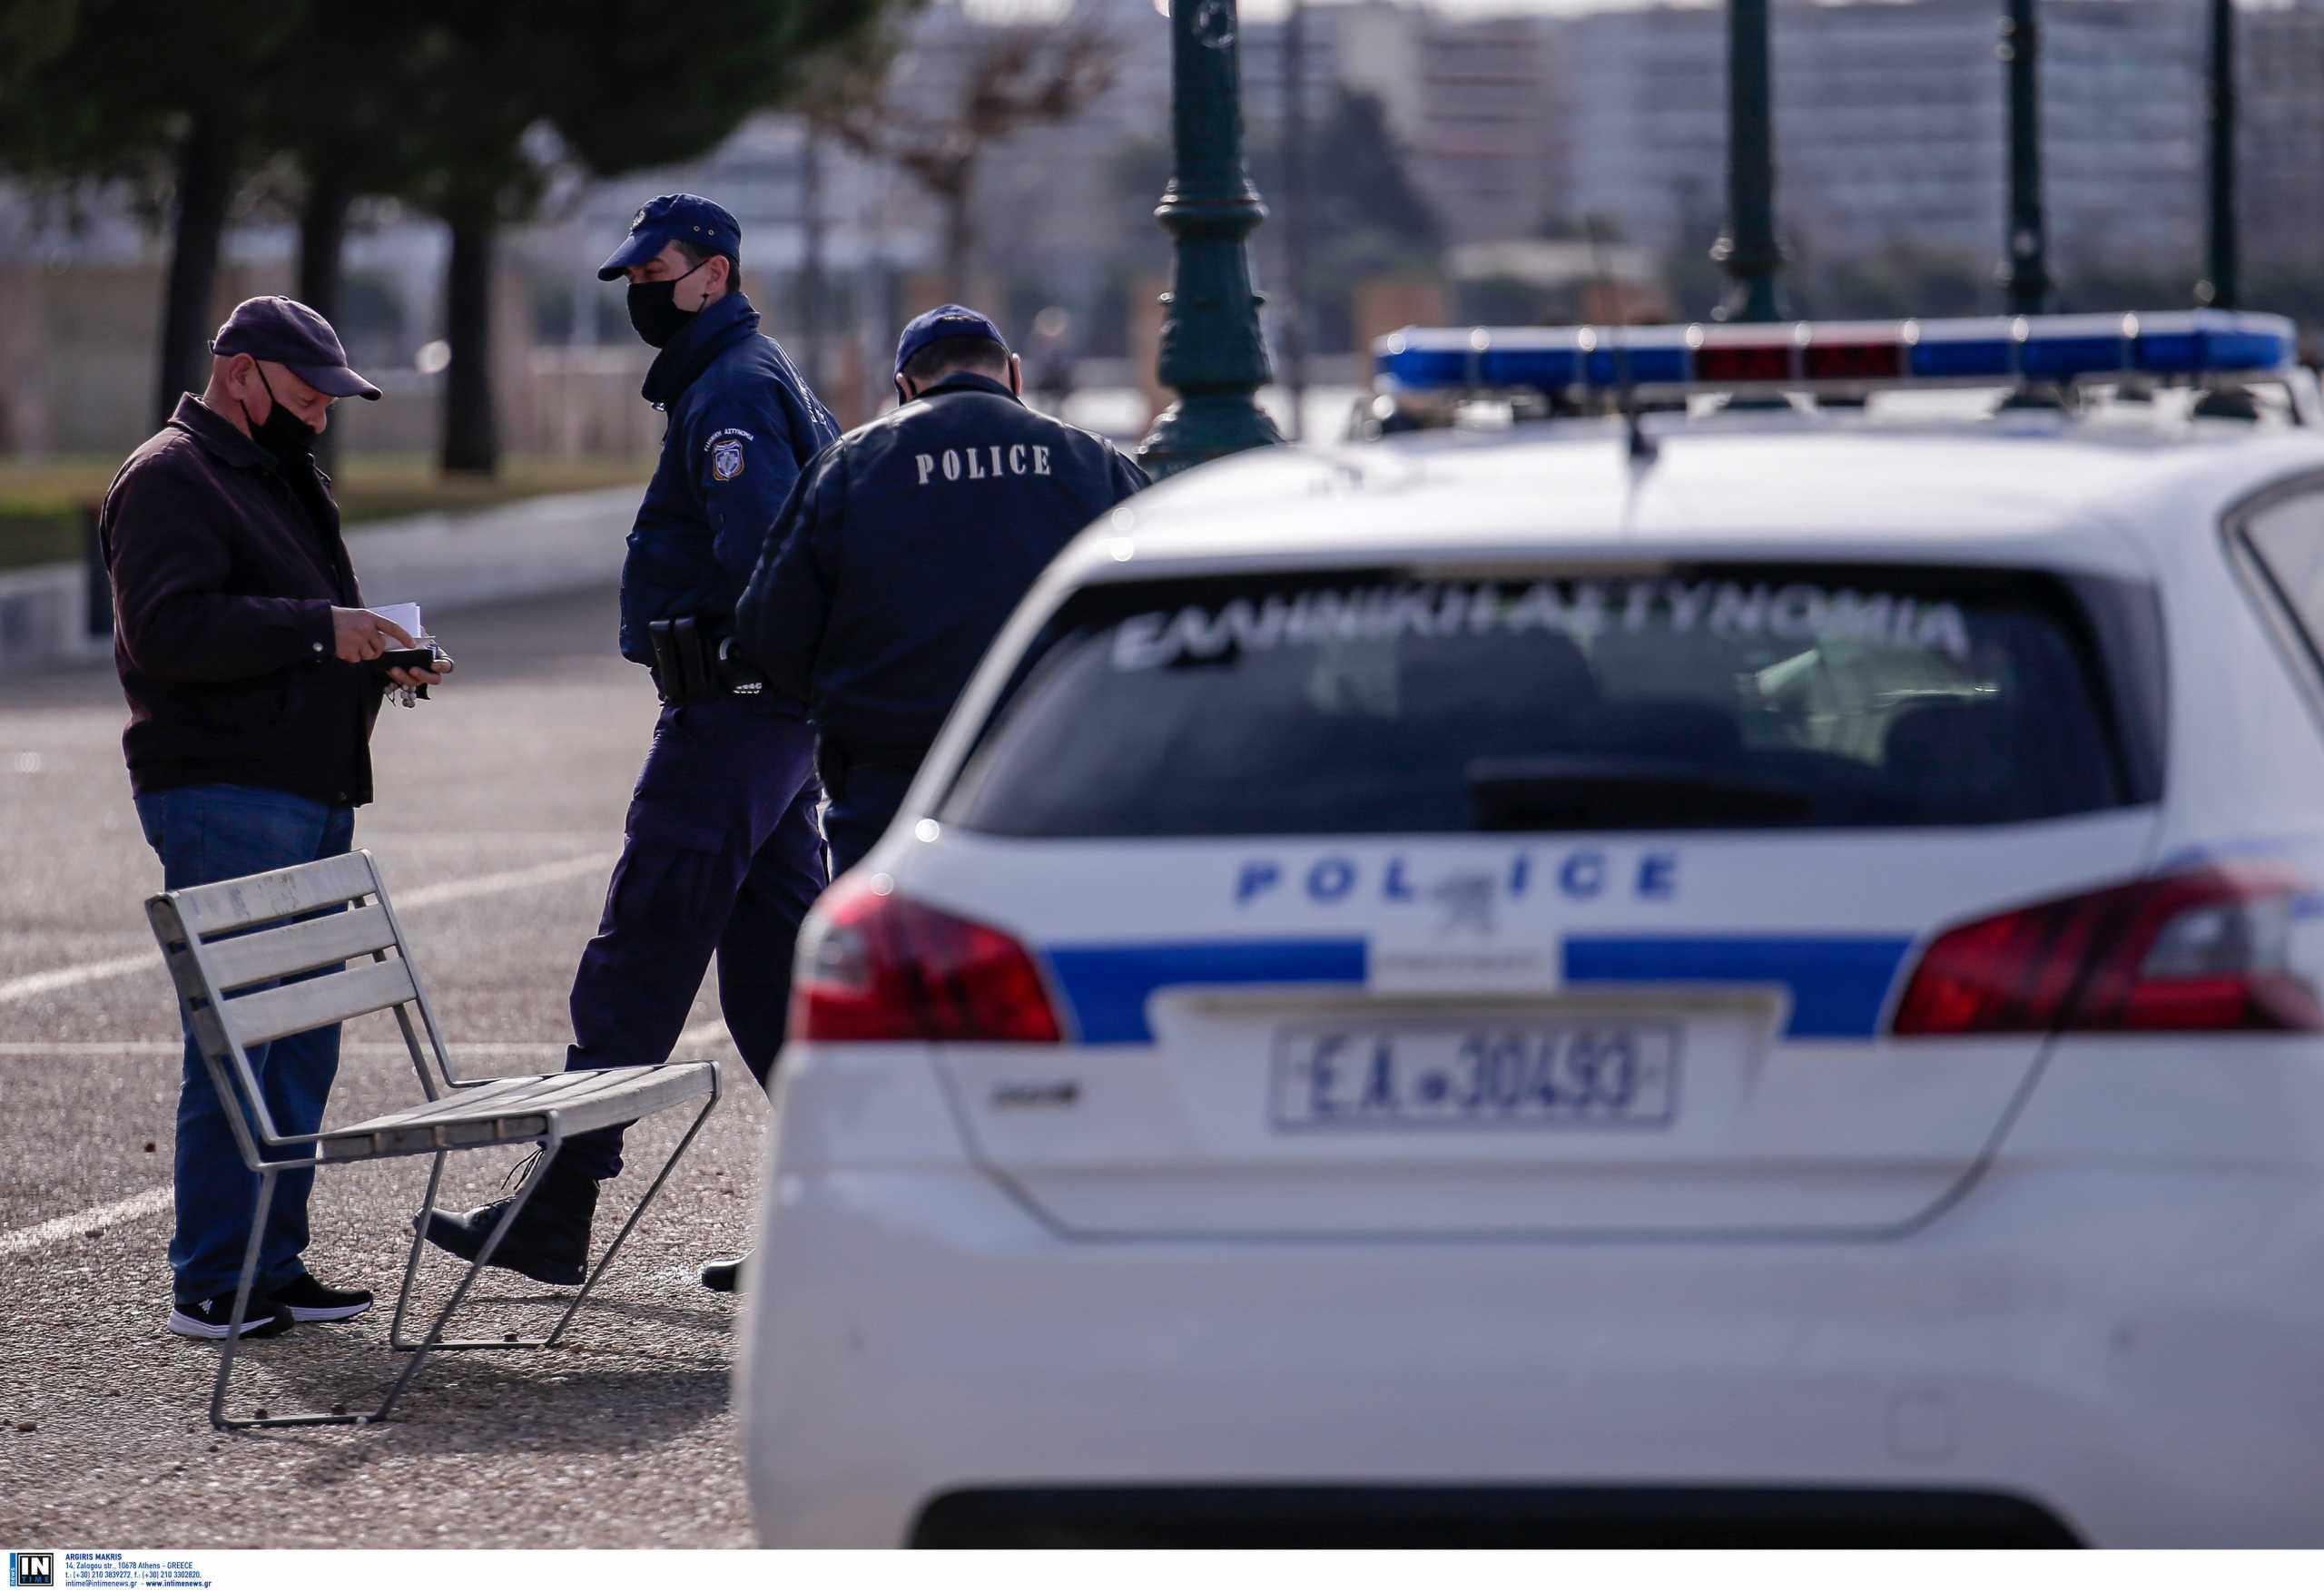 Κορονοϊός: 28 συλλήψεις και πάνω από 500.000 ευρώ πρόστιμα για παραβίαση μέτρων